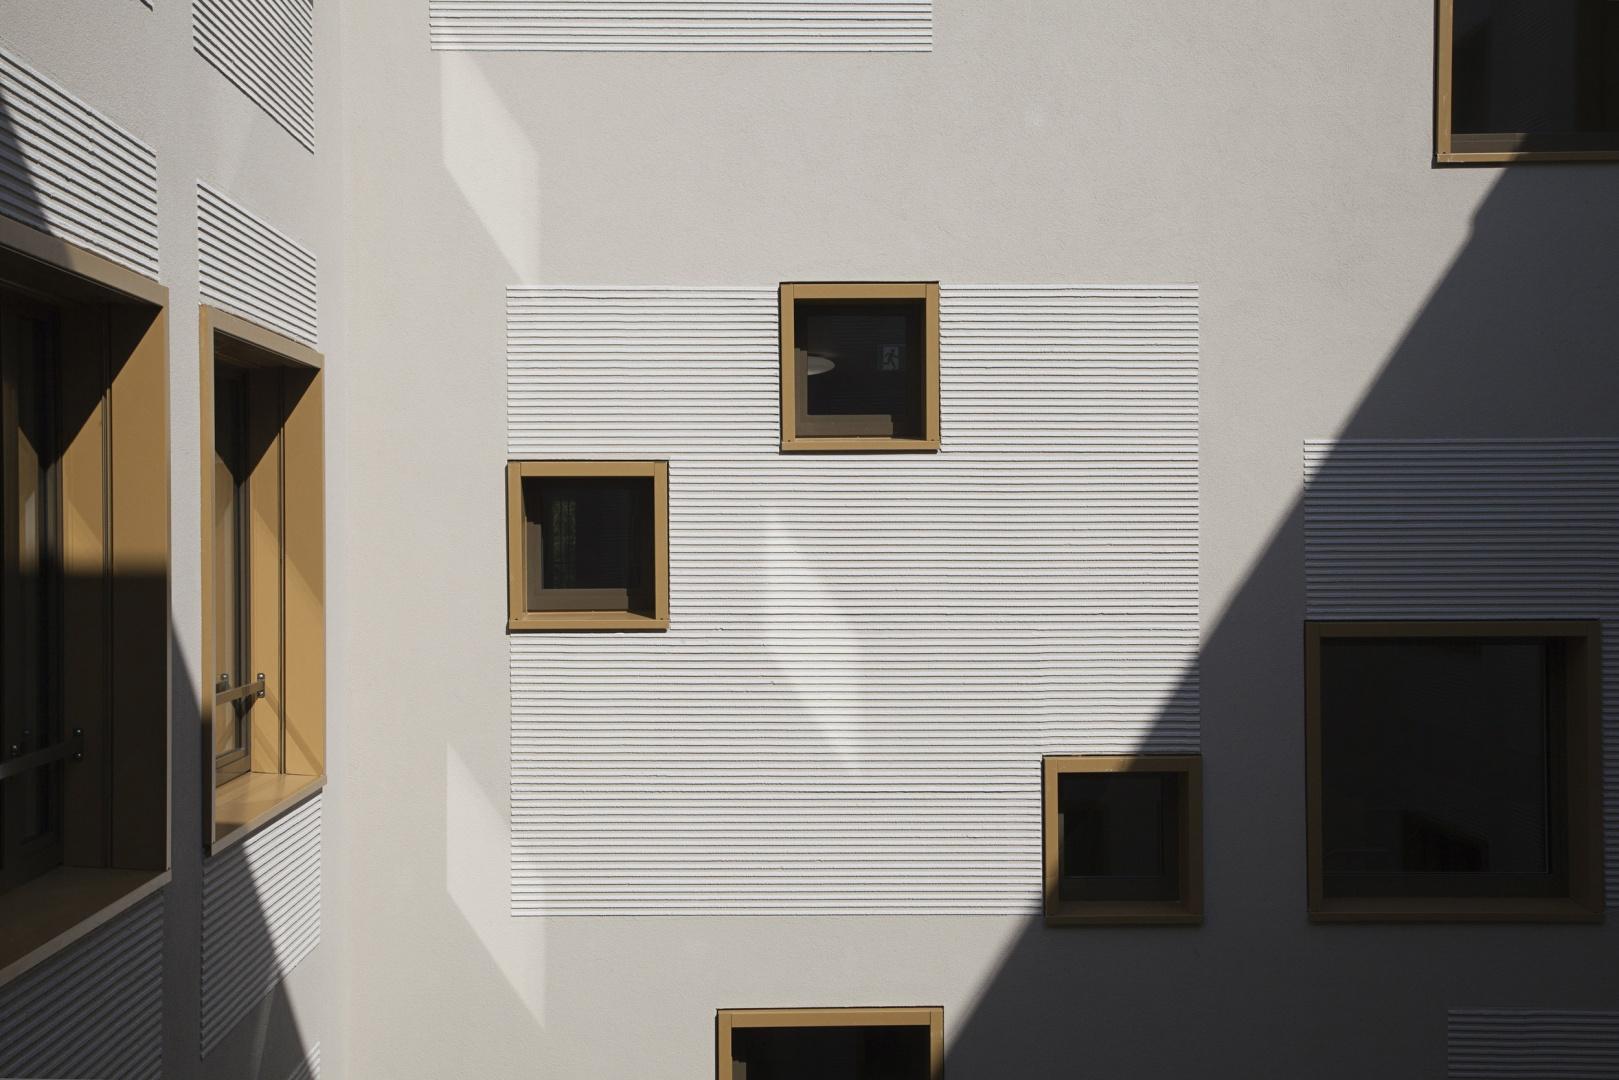 KJPZ_Fassade © Daniel Erne, Horgen